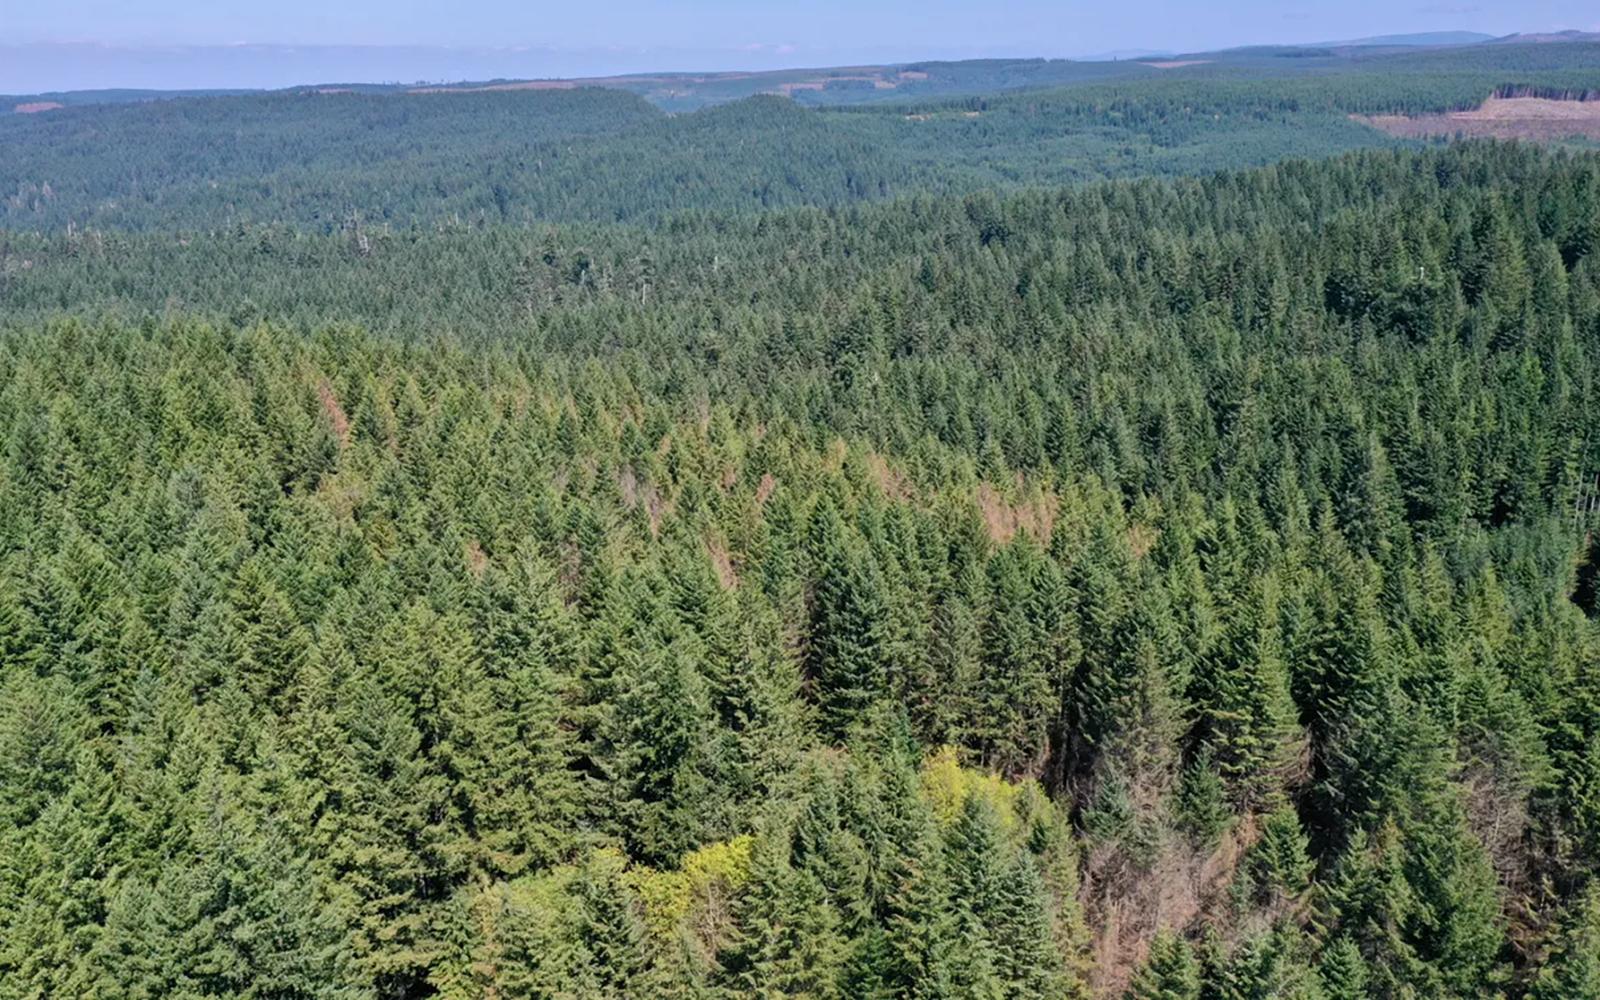 TAKE ACTION: Help Halt Active Logging in Oregon's Silver Falls State Park